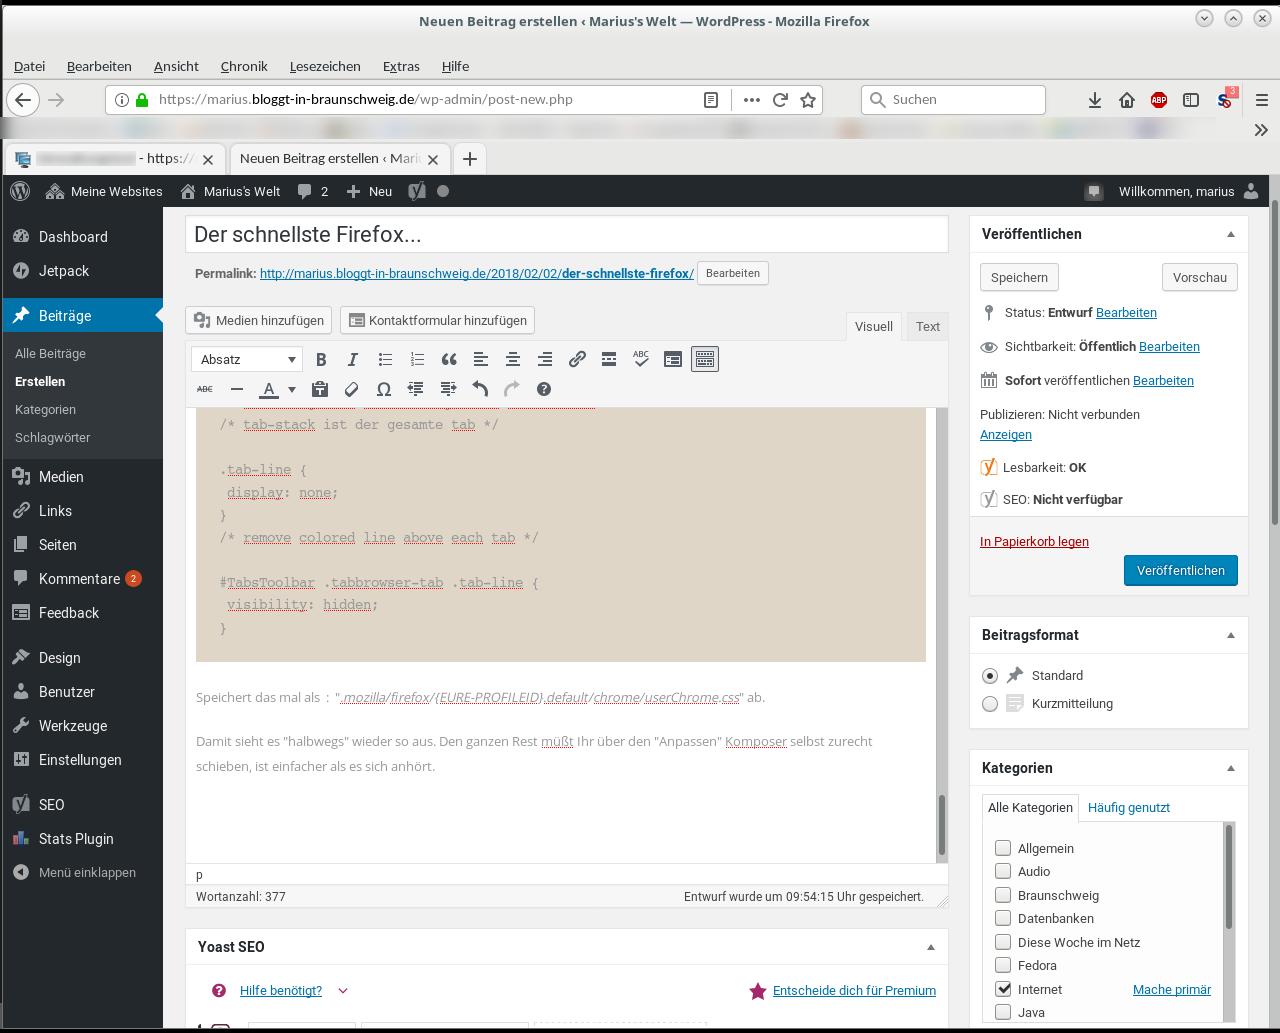 Ein Beispiel für die Anpassungen vom Firefoxlayout. Man sieht den Editor von WordPress mit den Firefox Layoutanpassungen.